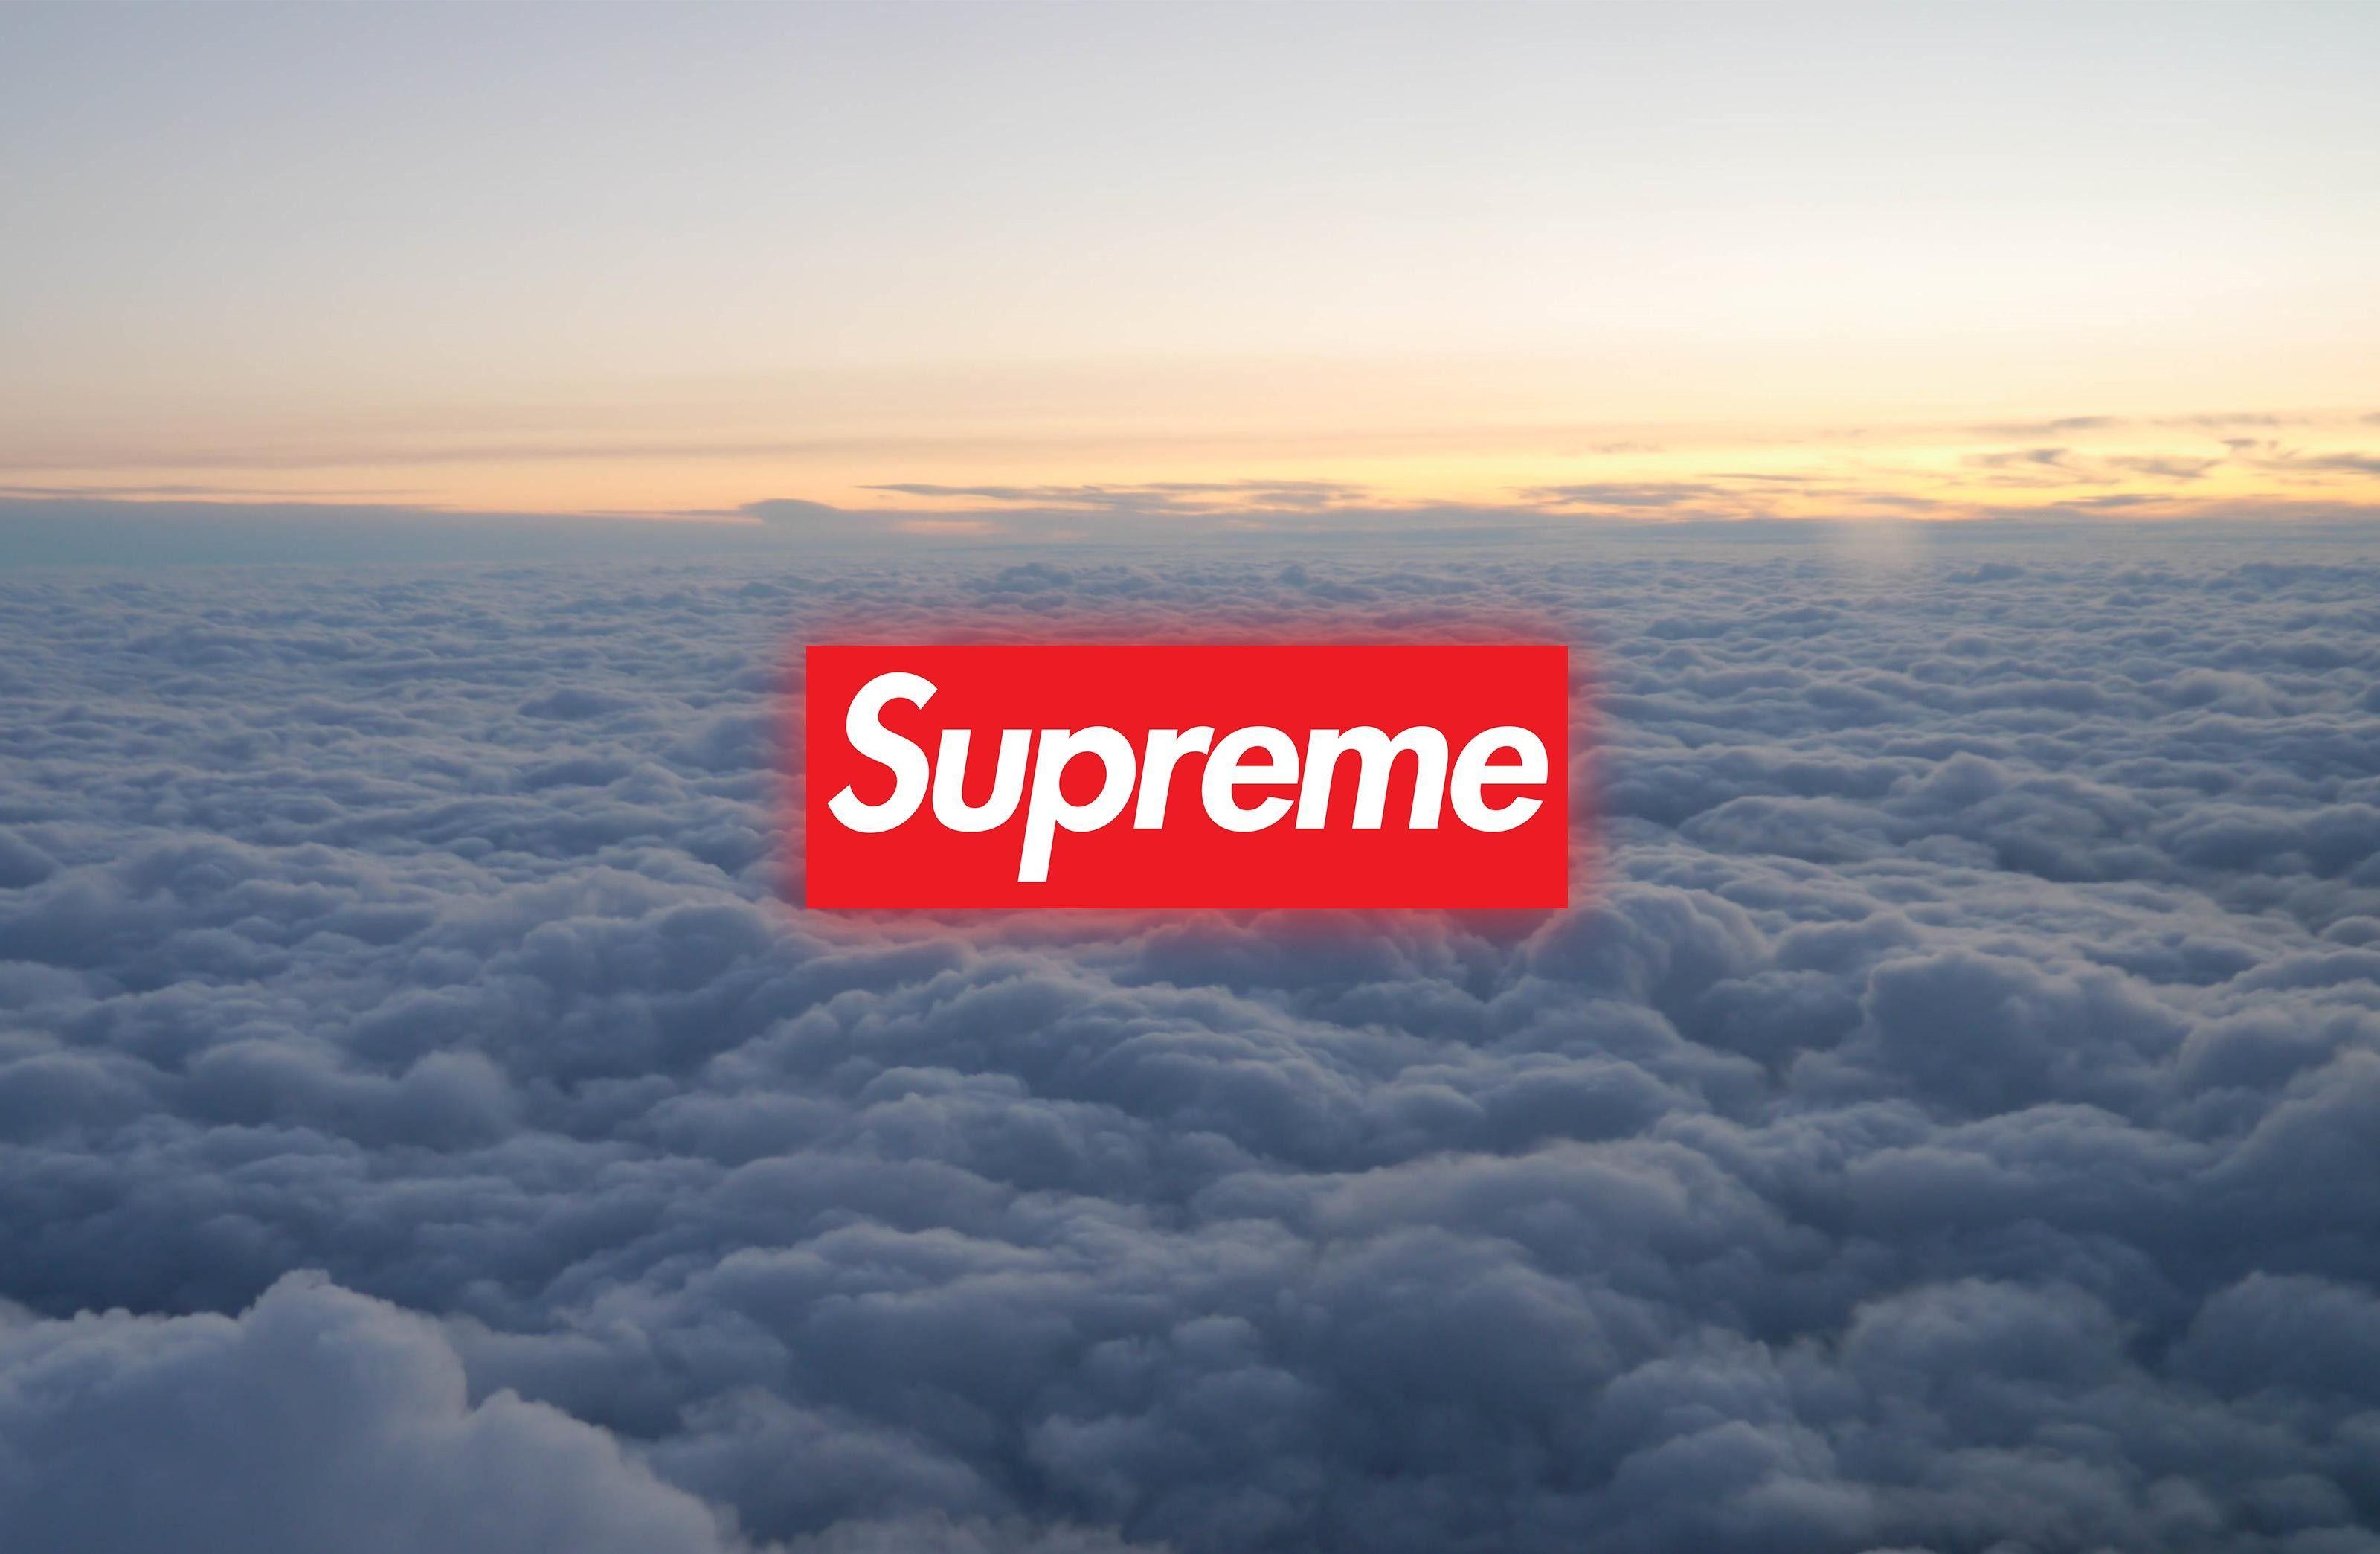 supreme brand wallpaper 72708